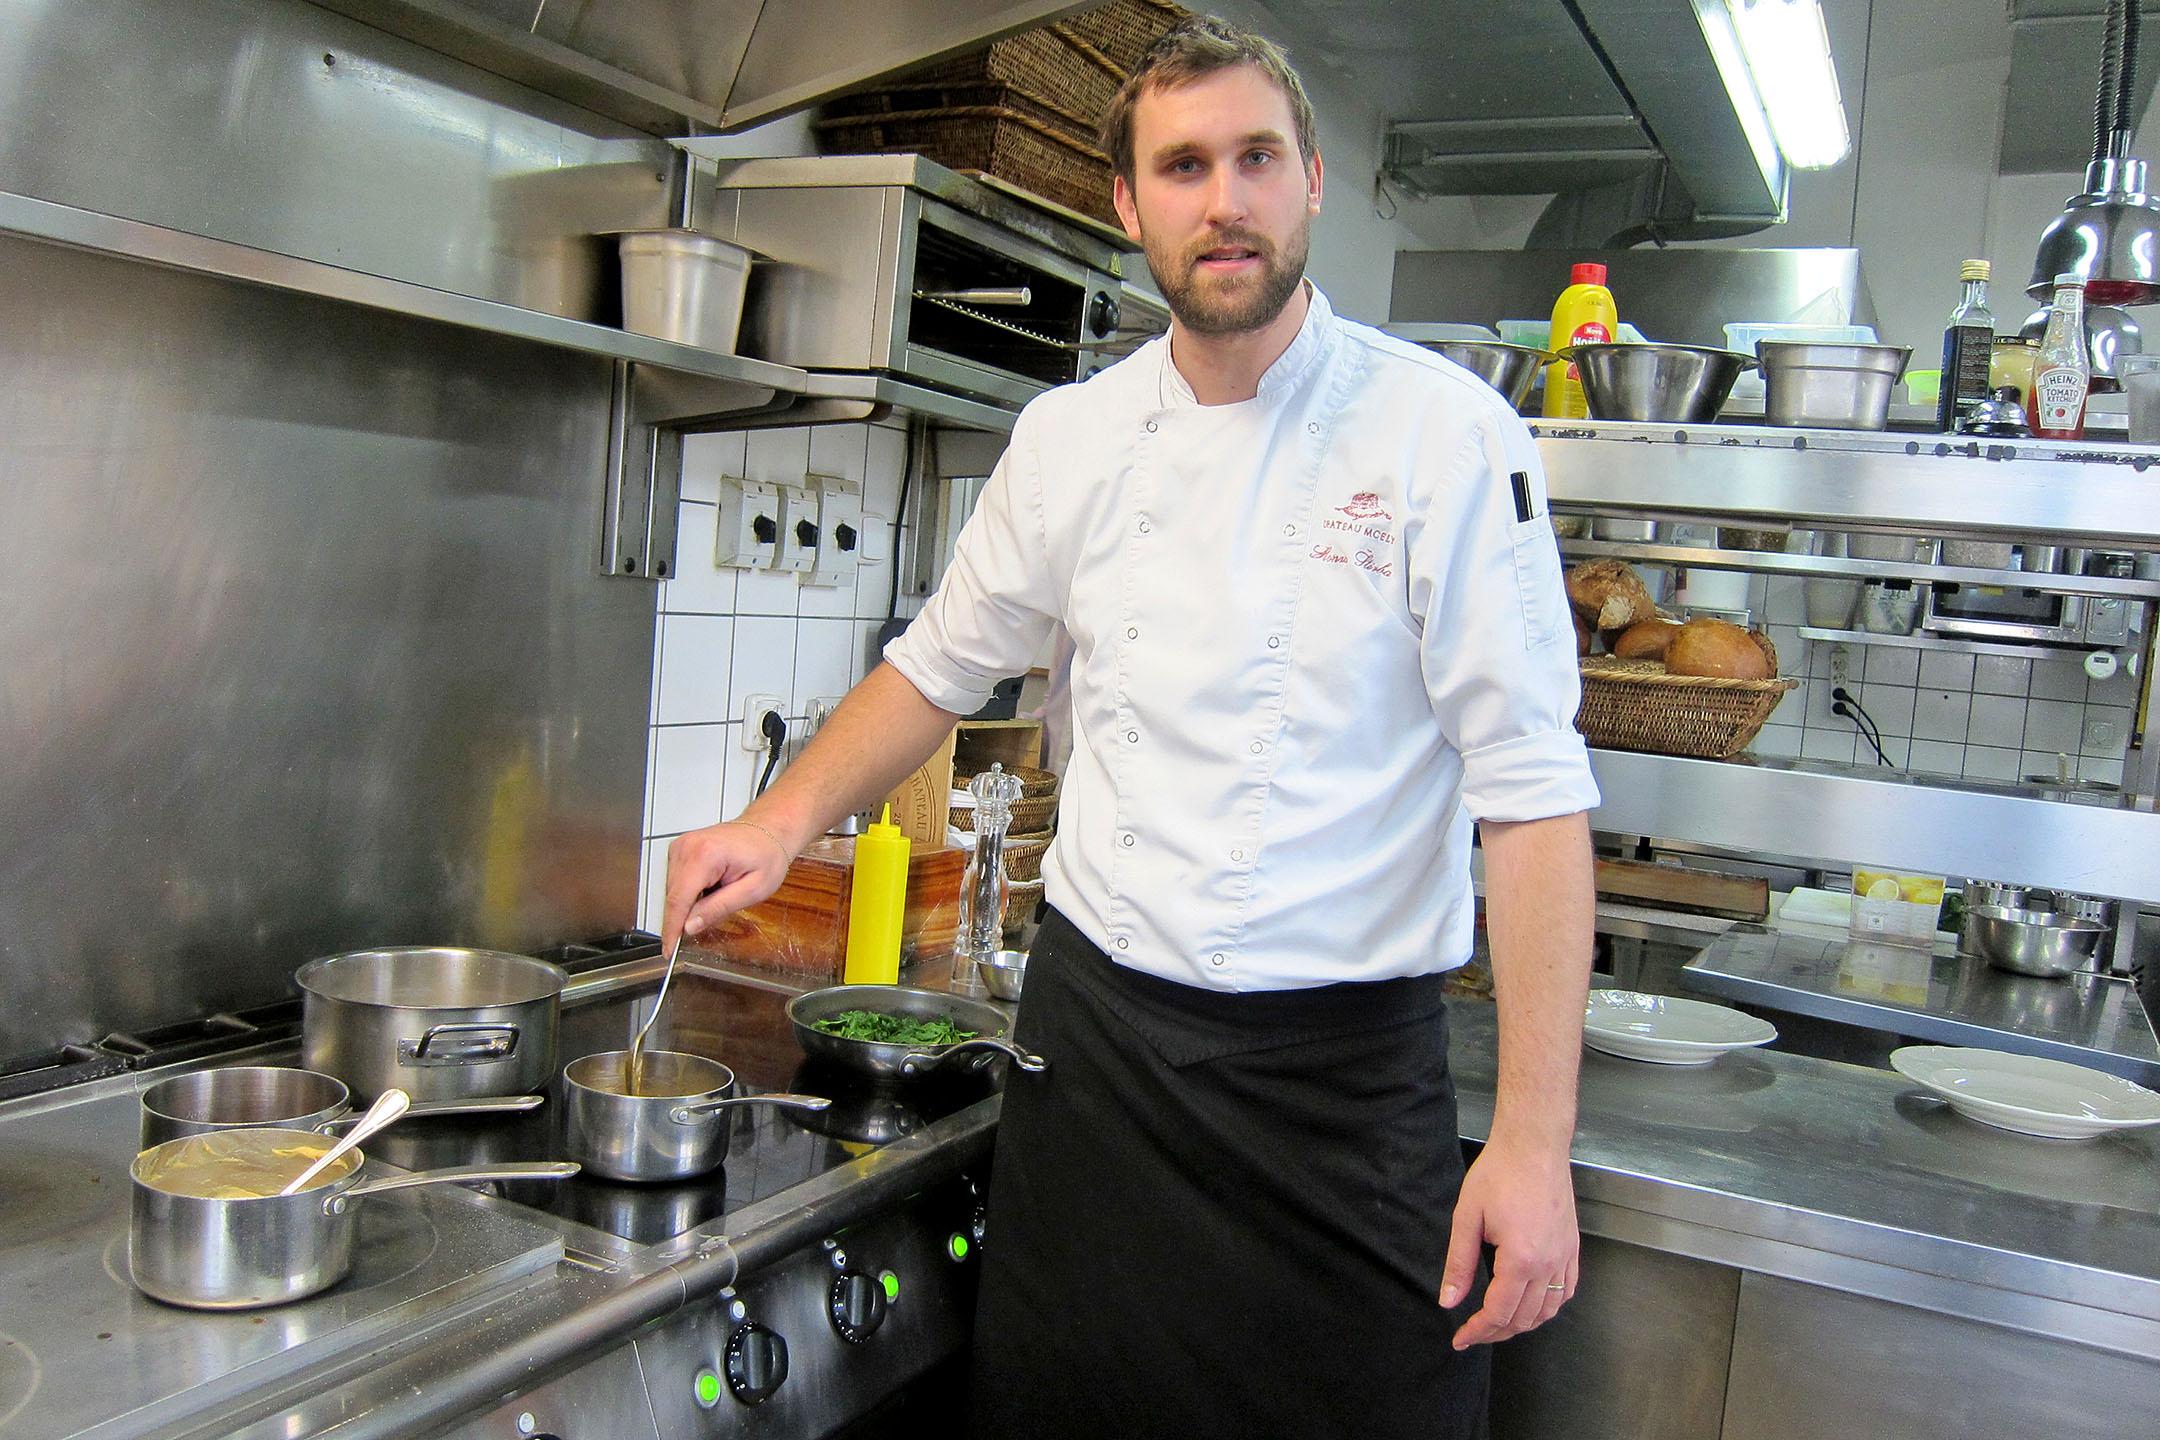 Kuchyni velí šéfkuchař Honza Štěrba